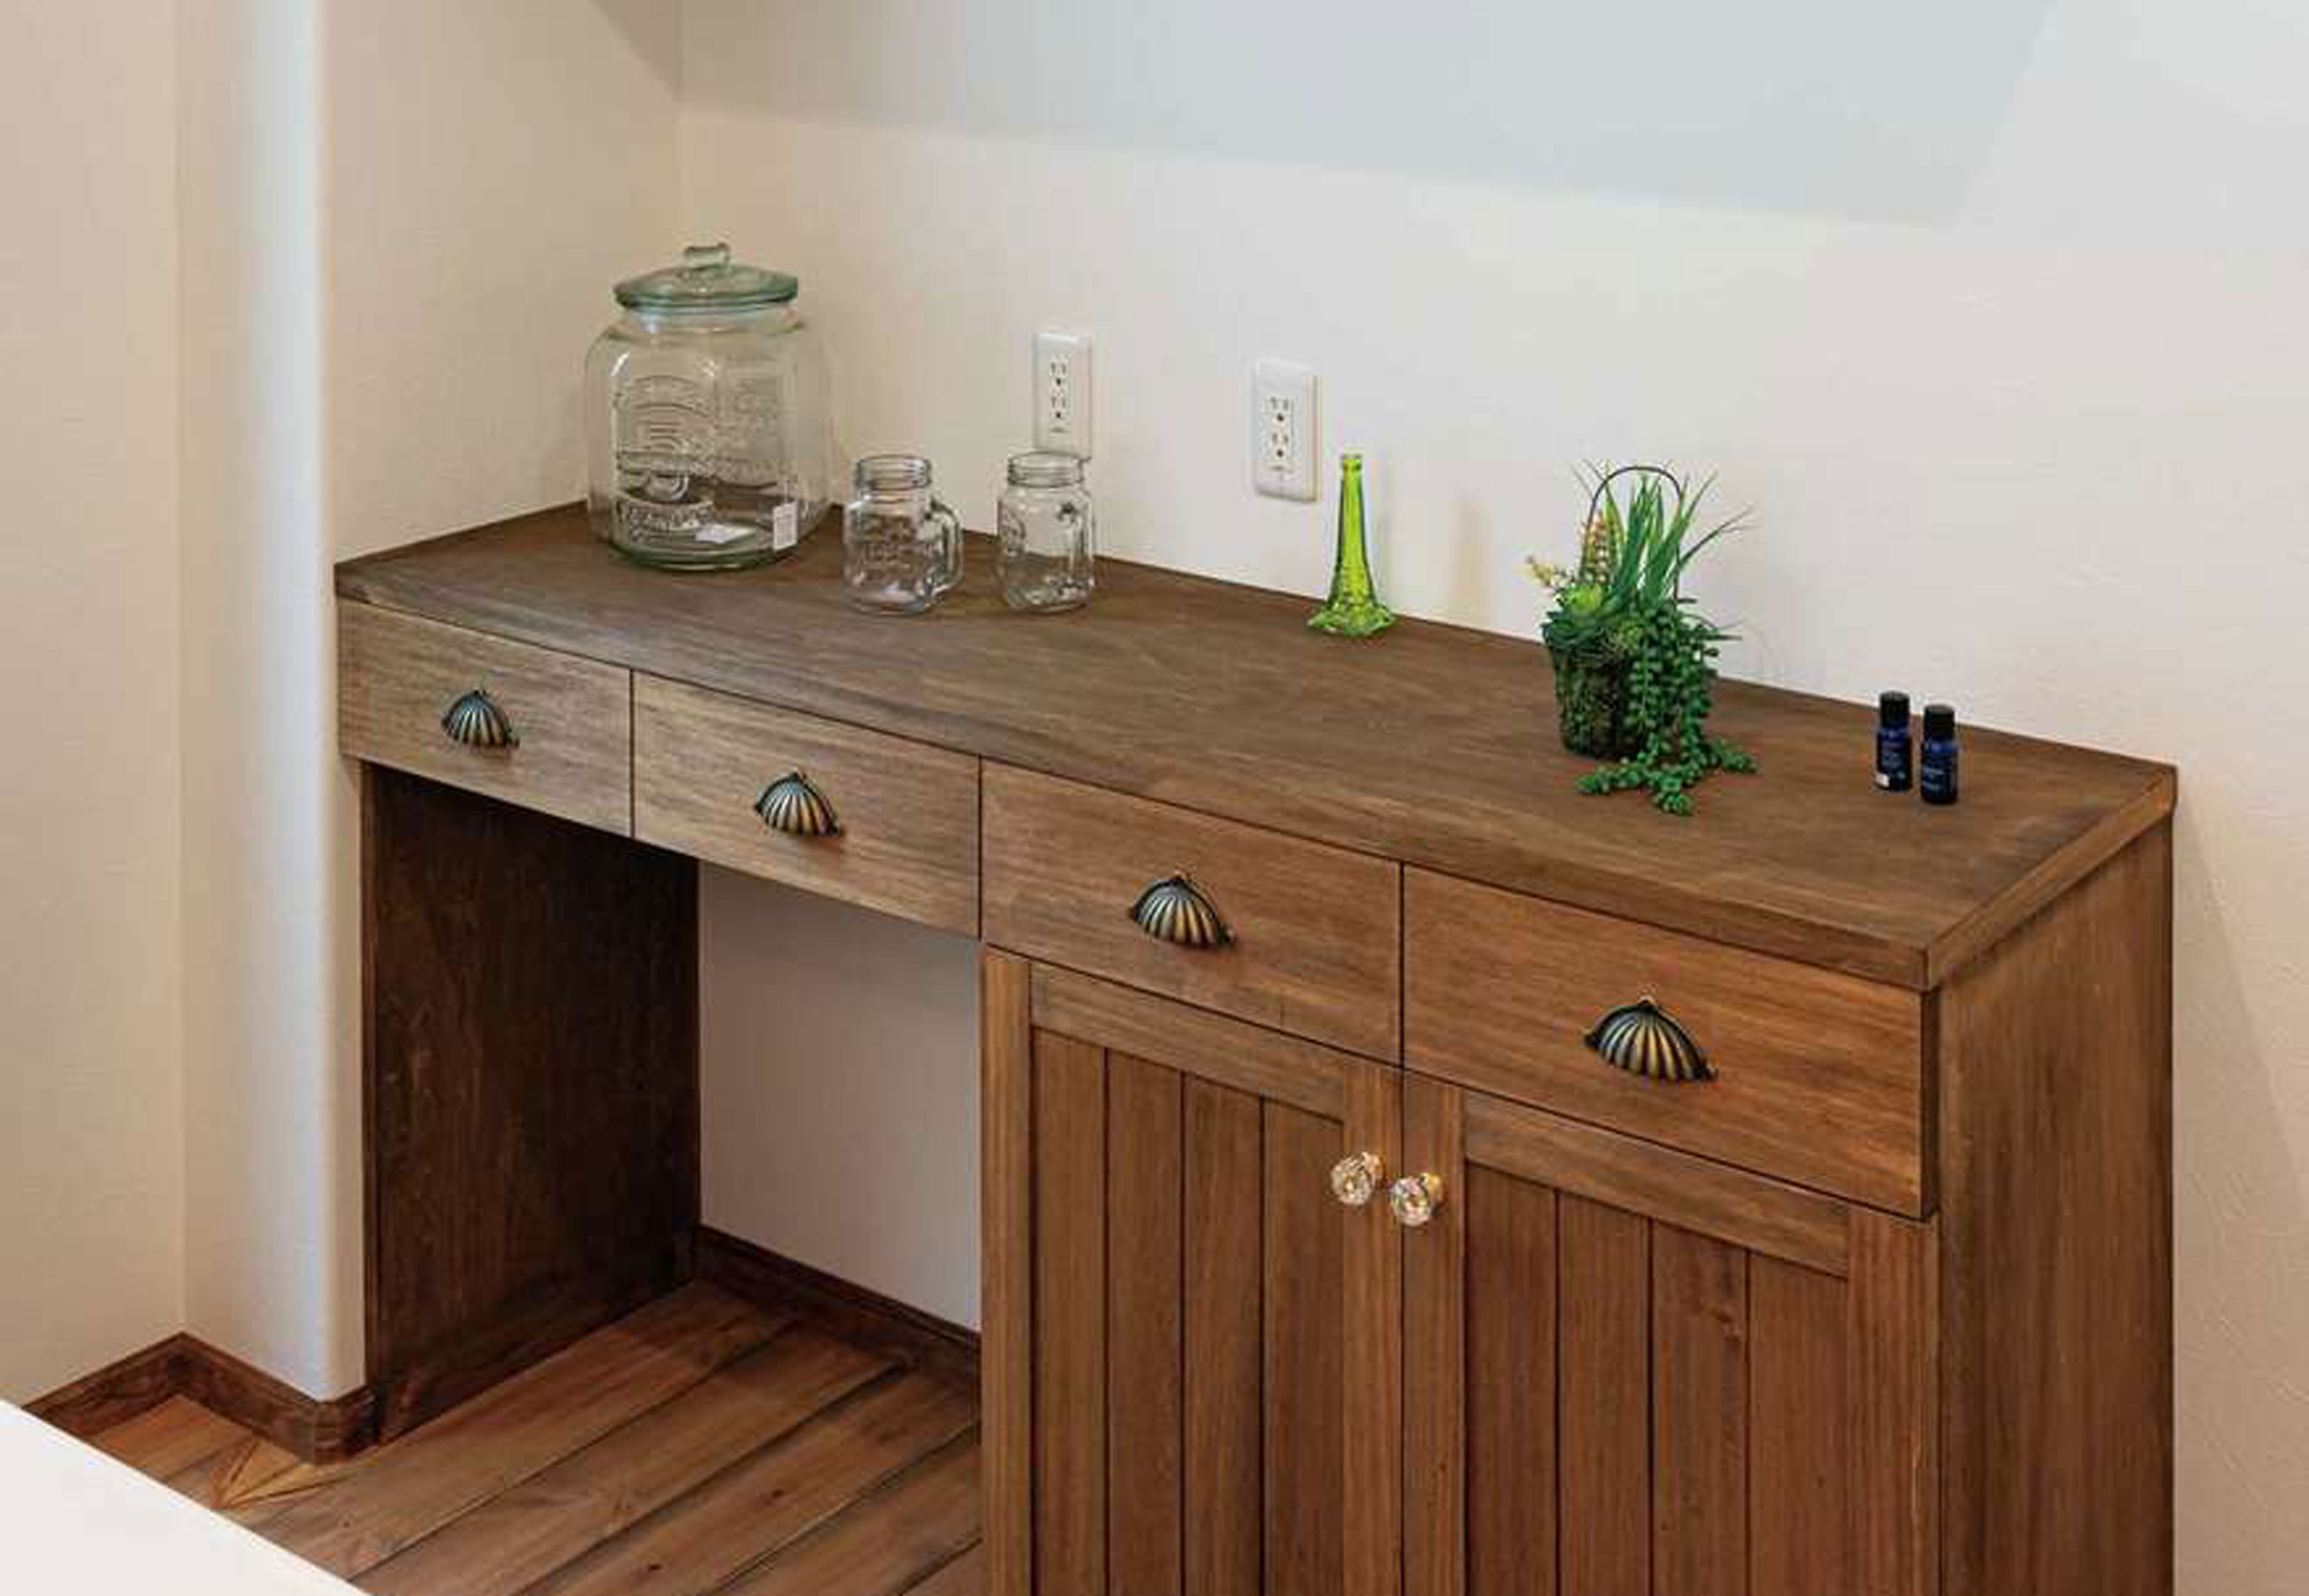 キッチンの造作カップボード。取っ手もコーディネーターと一緒に選んでつけた